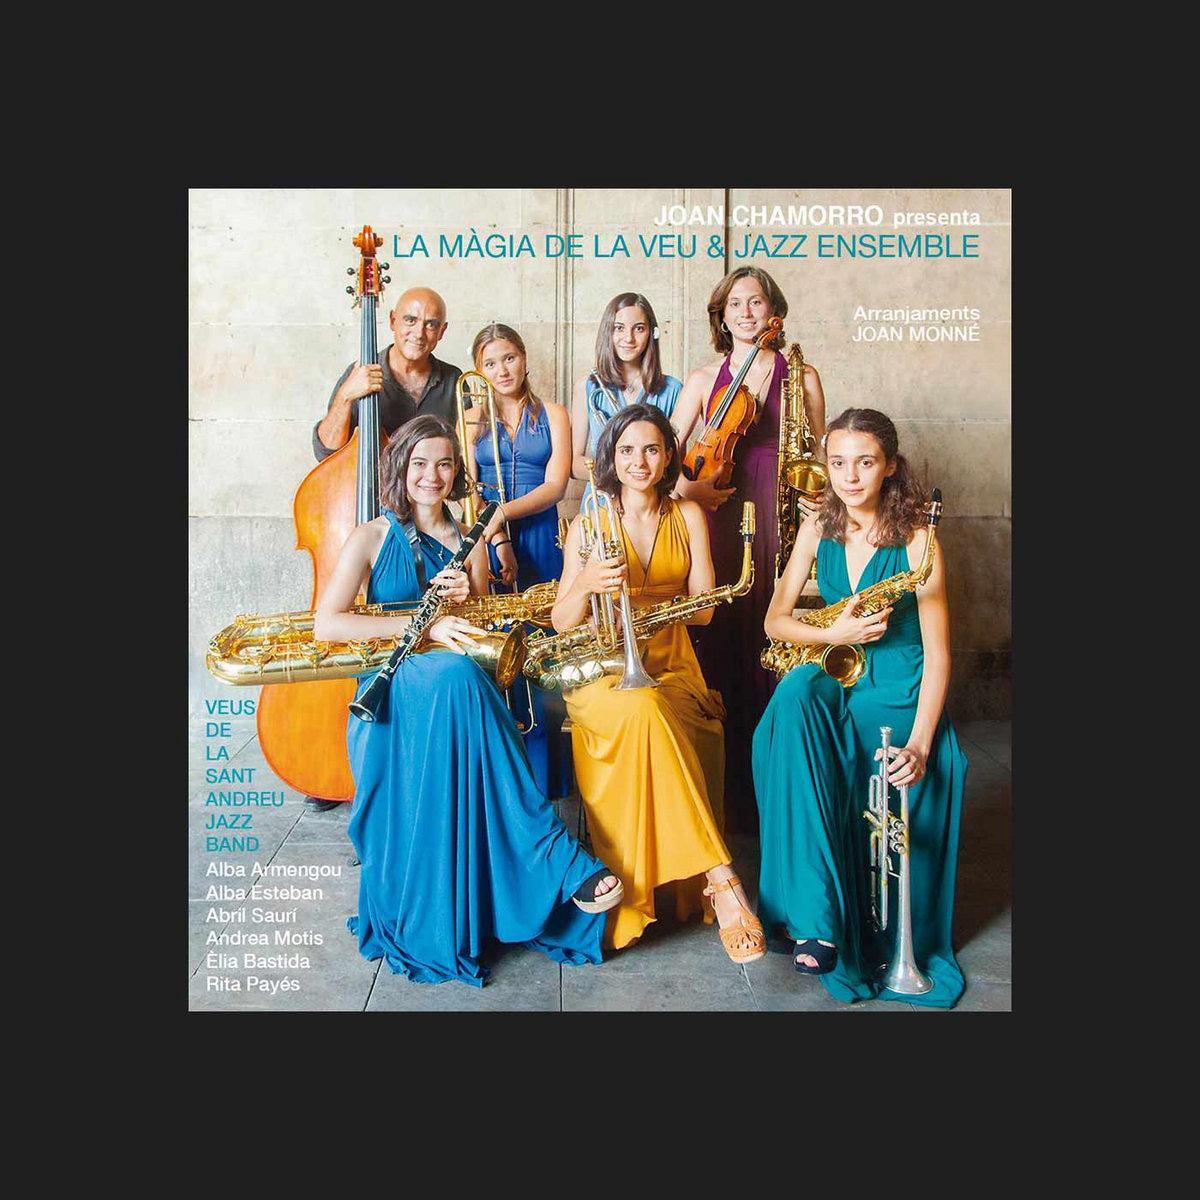 La Magia de la Veu & Jazz Ensemble | Sant Andreu Jazz Band